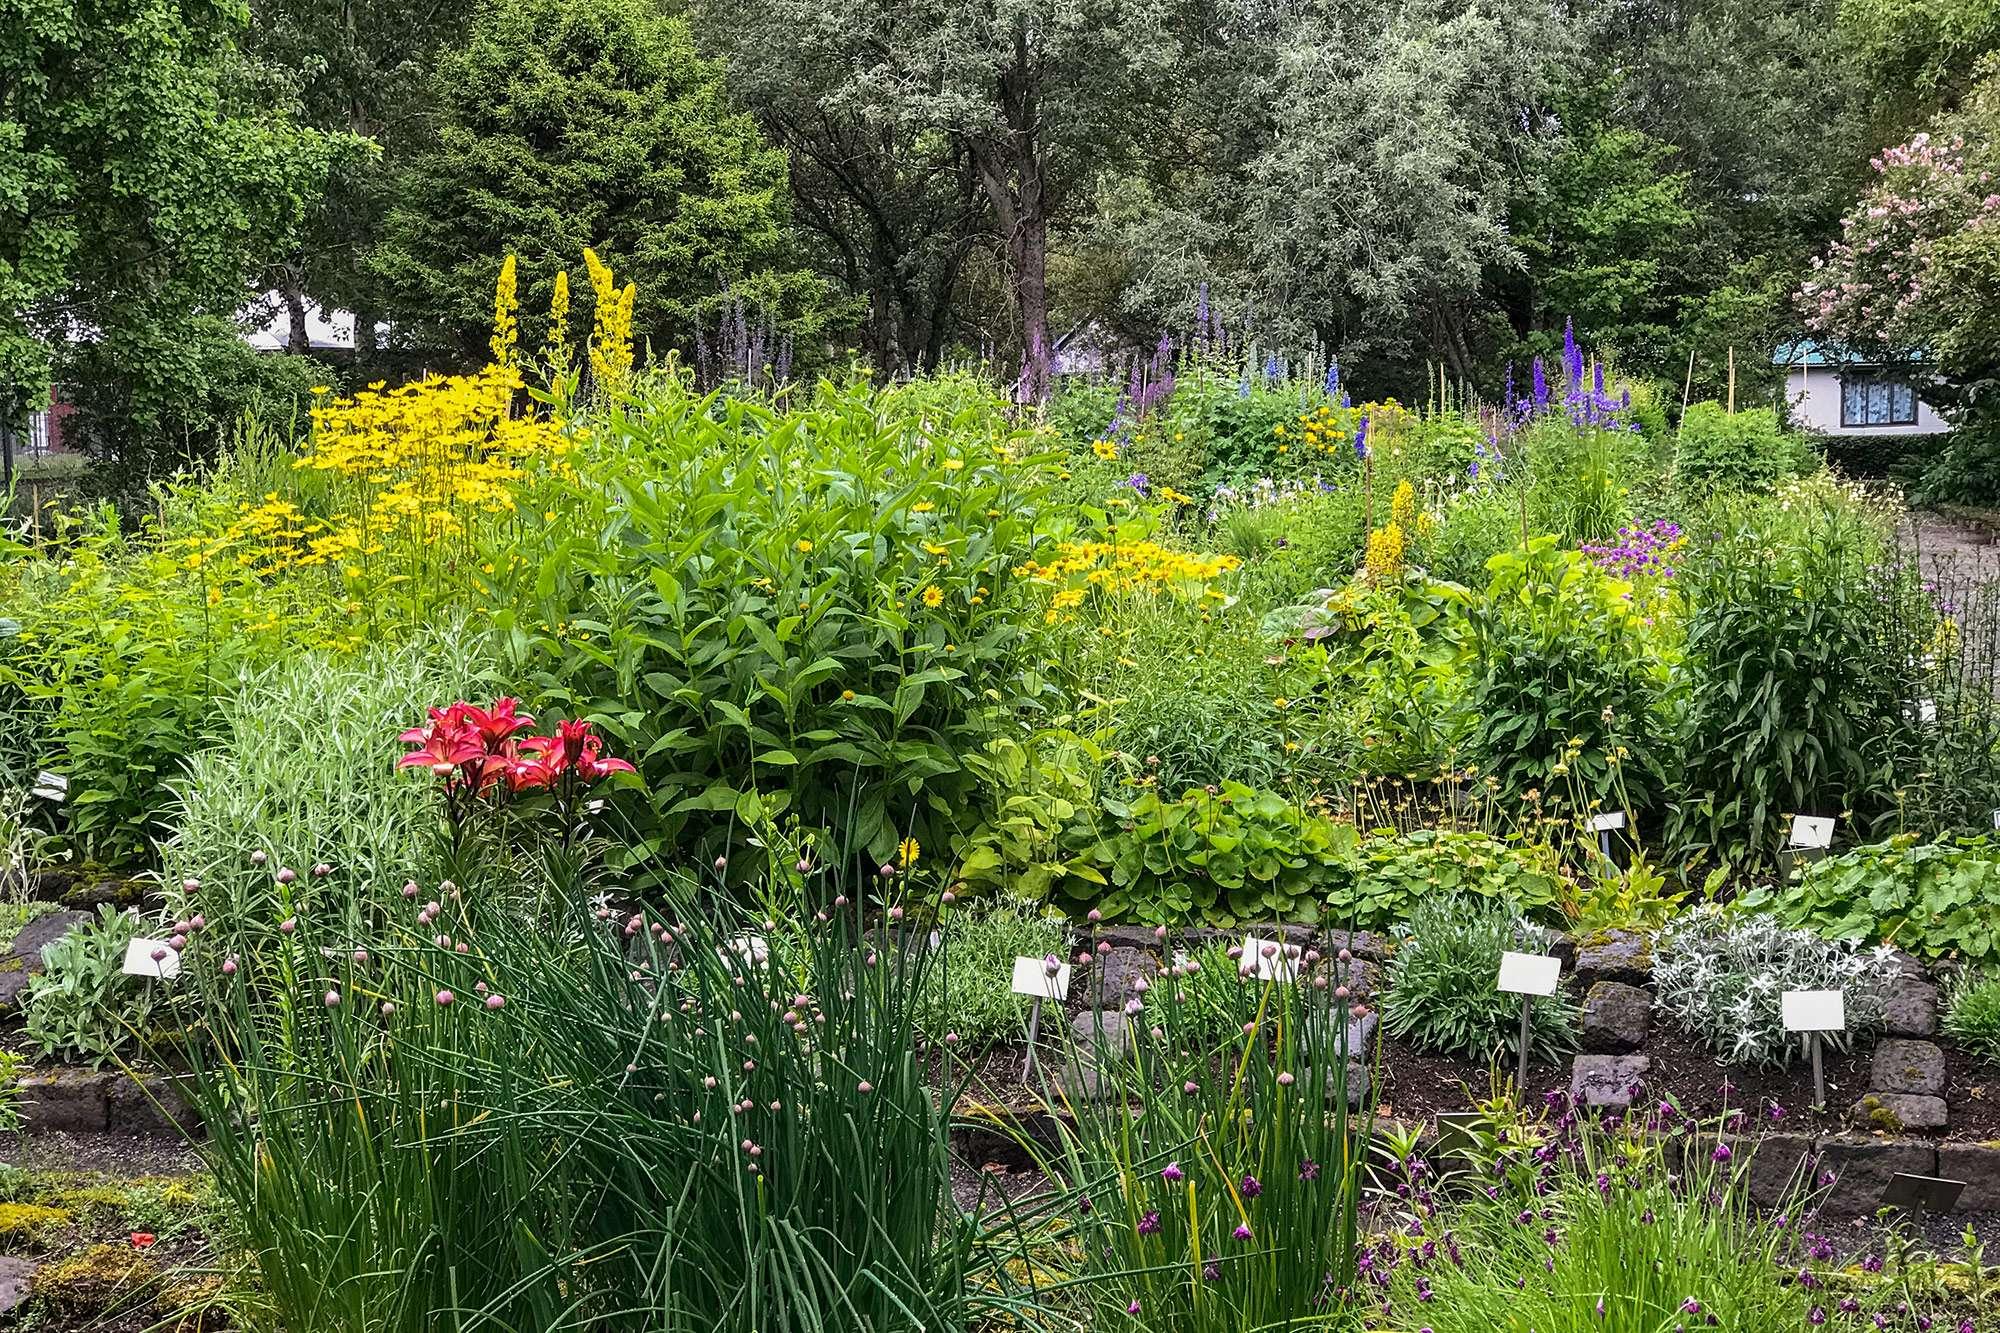 forskellige planter og blomster i reykjavik botaniske haveykjavik botaniske have